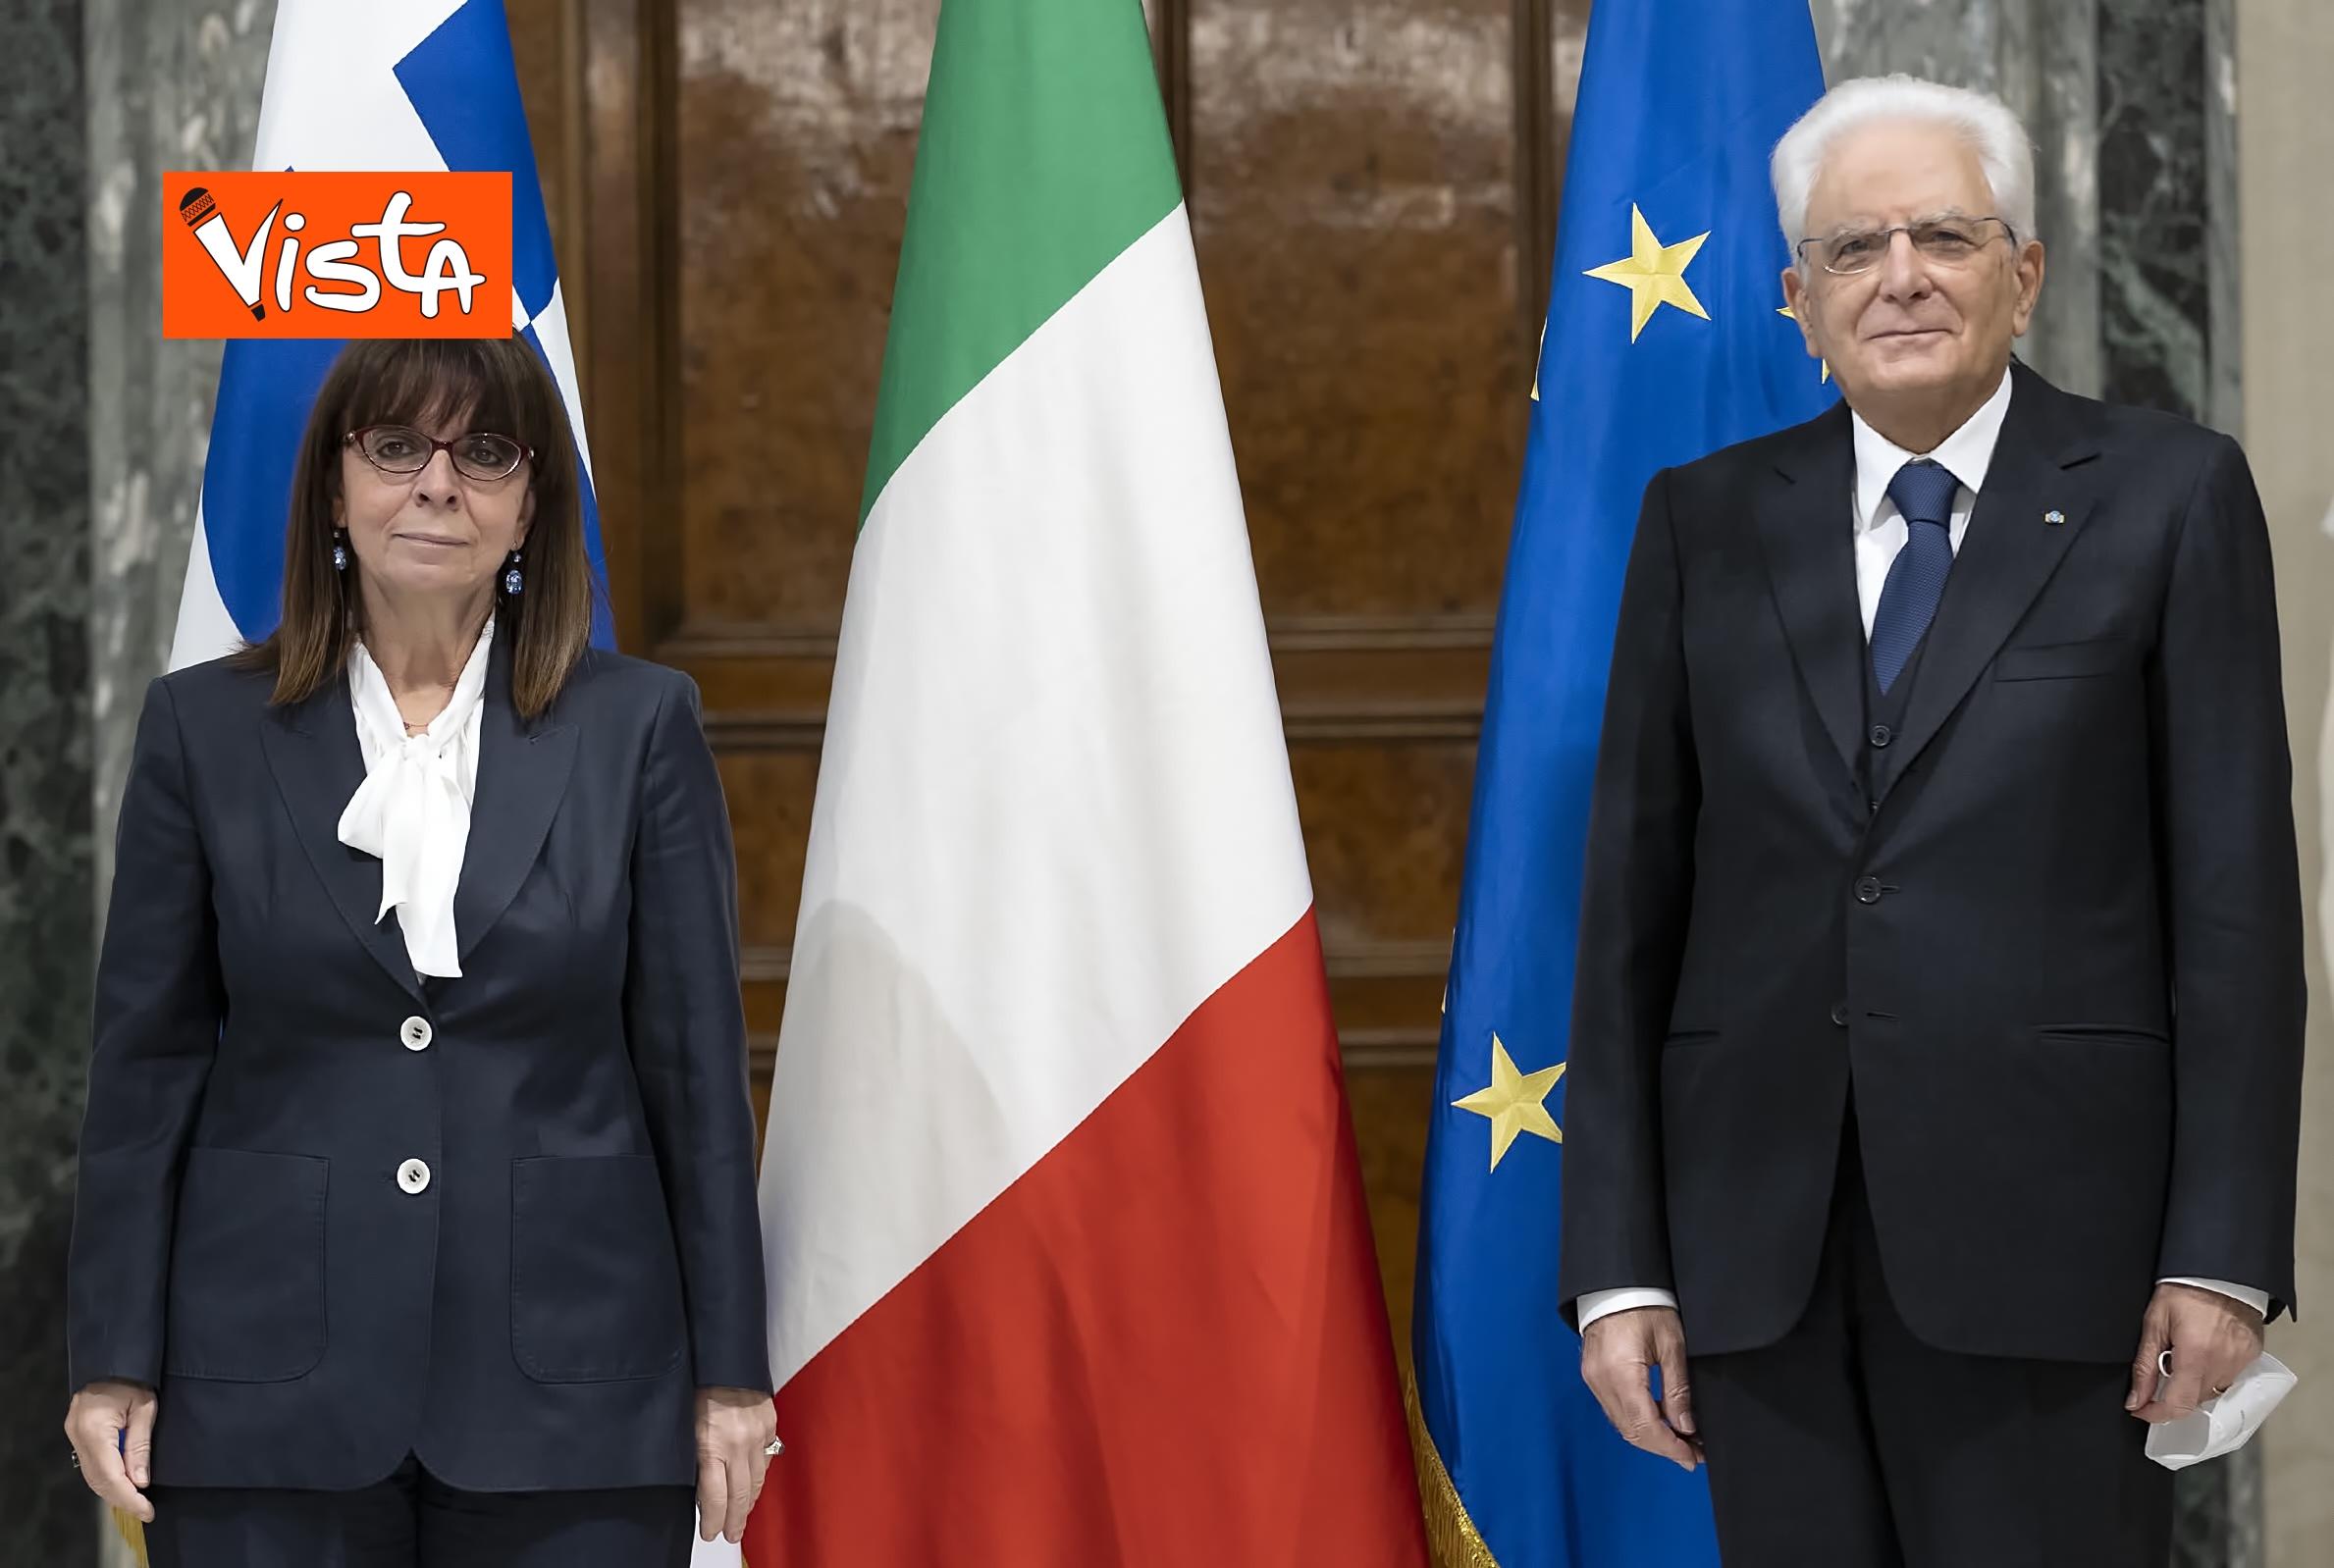 09-10-20 Mattarella riceve la Presidente della Repubblica Ellenica Sakellaropoulou, le immagini_07